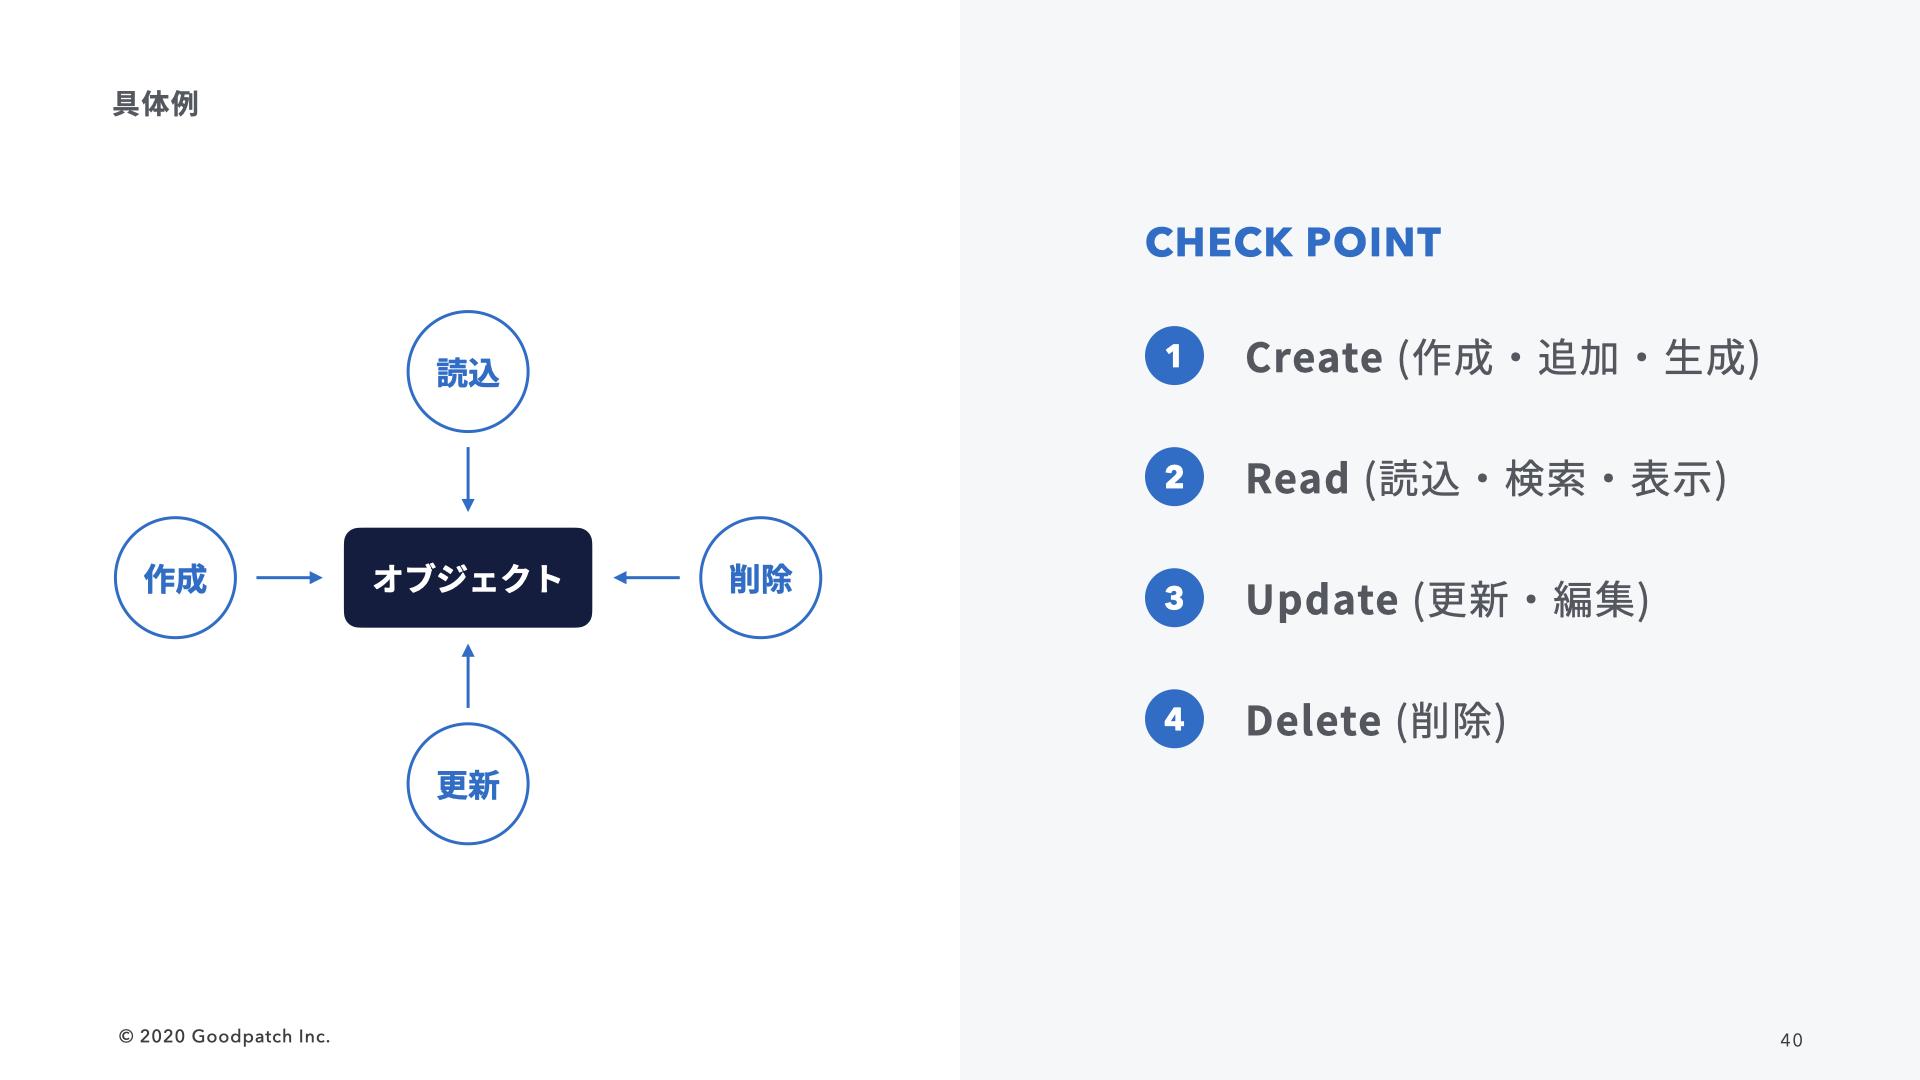 チェックポイント:生成、読込、更新、削除